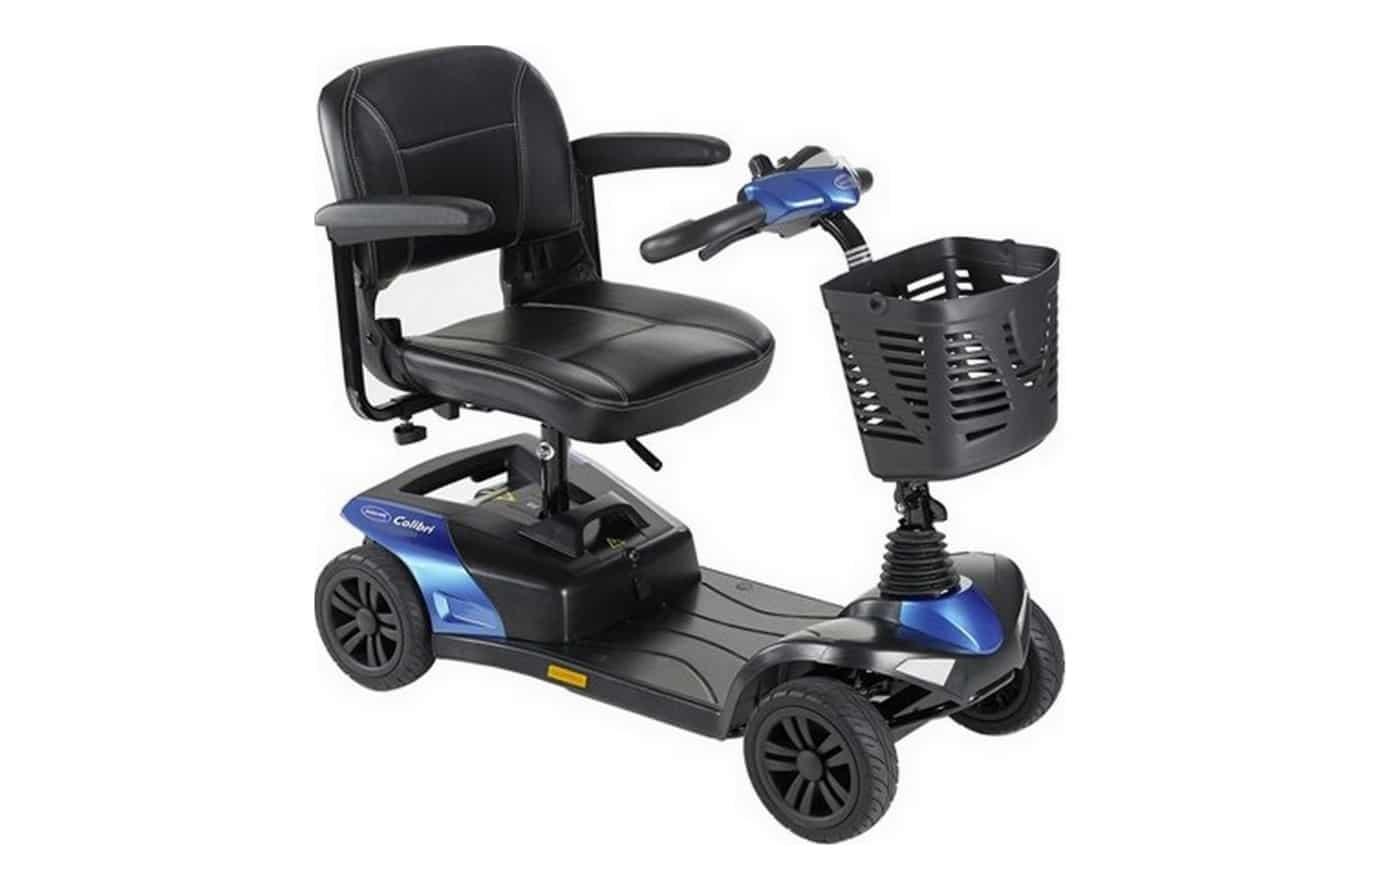 Scooter azul e preta vista de lado